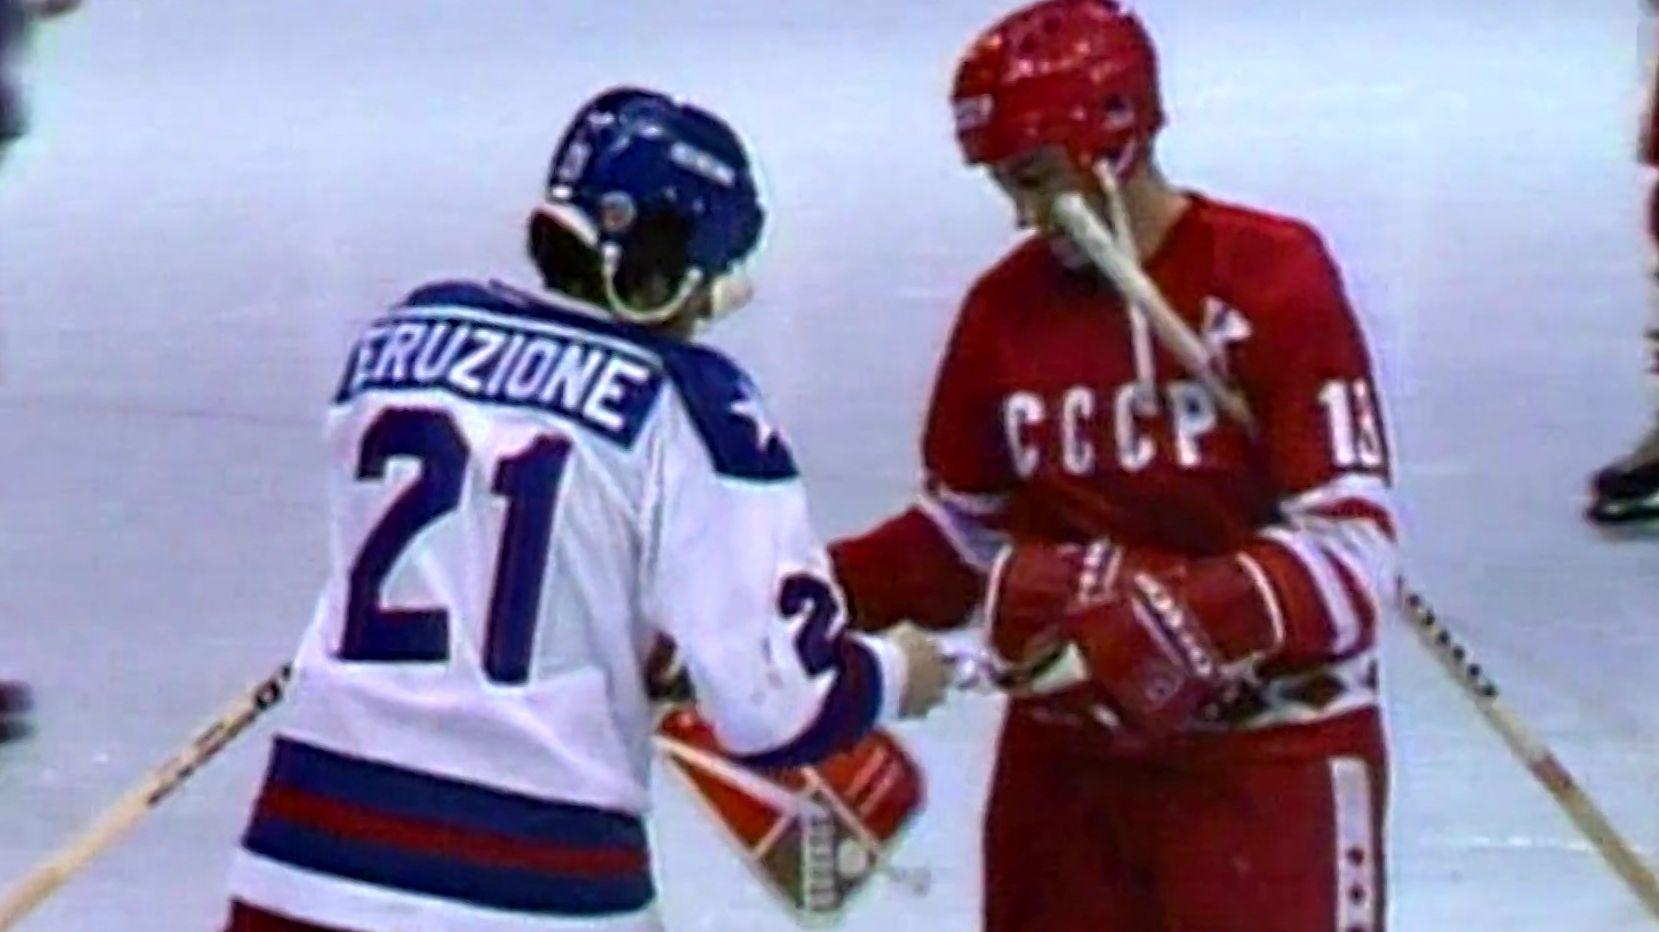 Wimpeltausch beim Eishockeyspiel zwischen den USA und der UdSSR